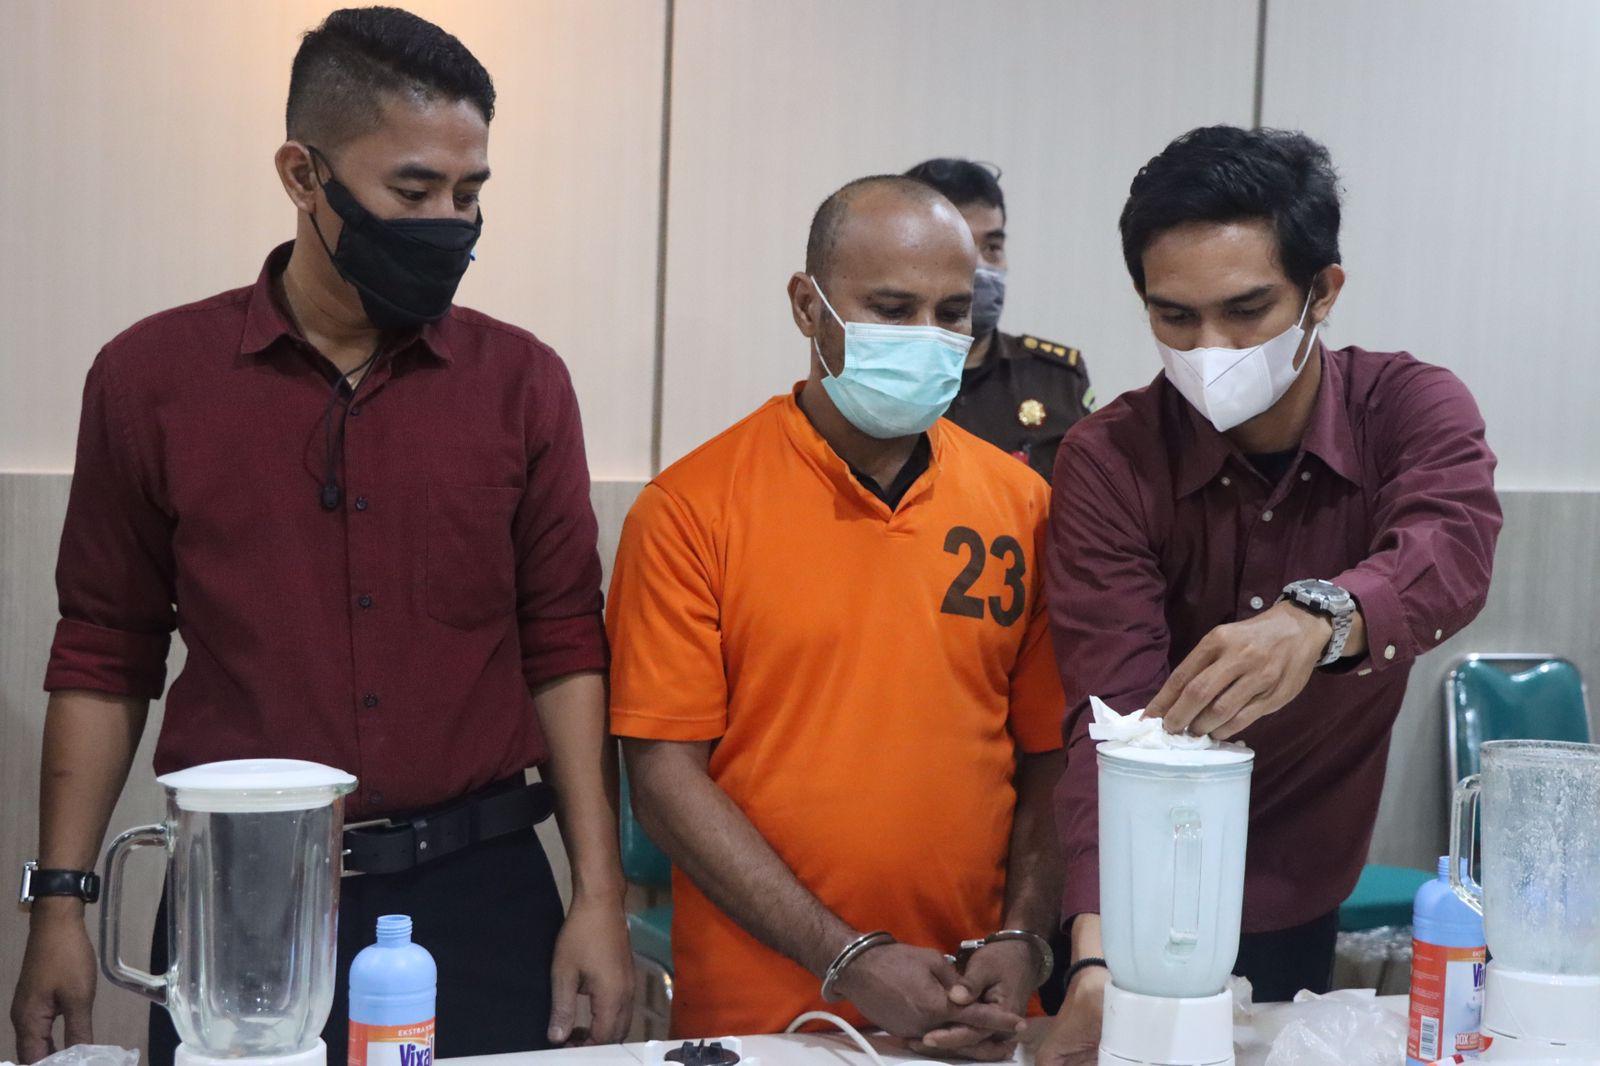 Polda Aceh musnahkan barang bukti sabu seberat 7 kg